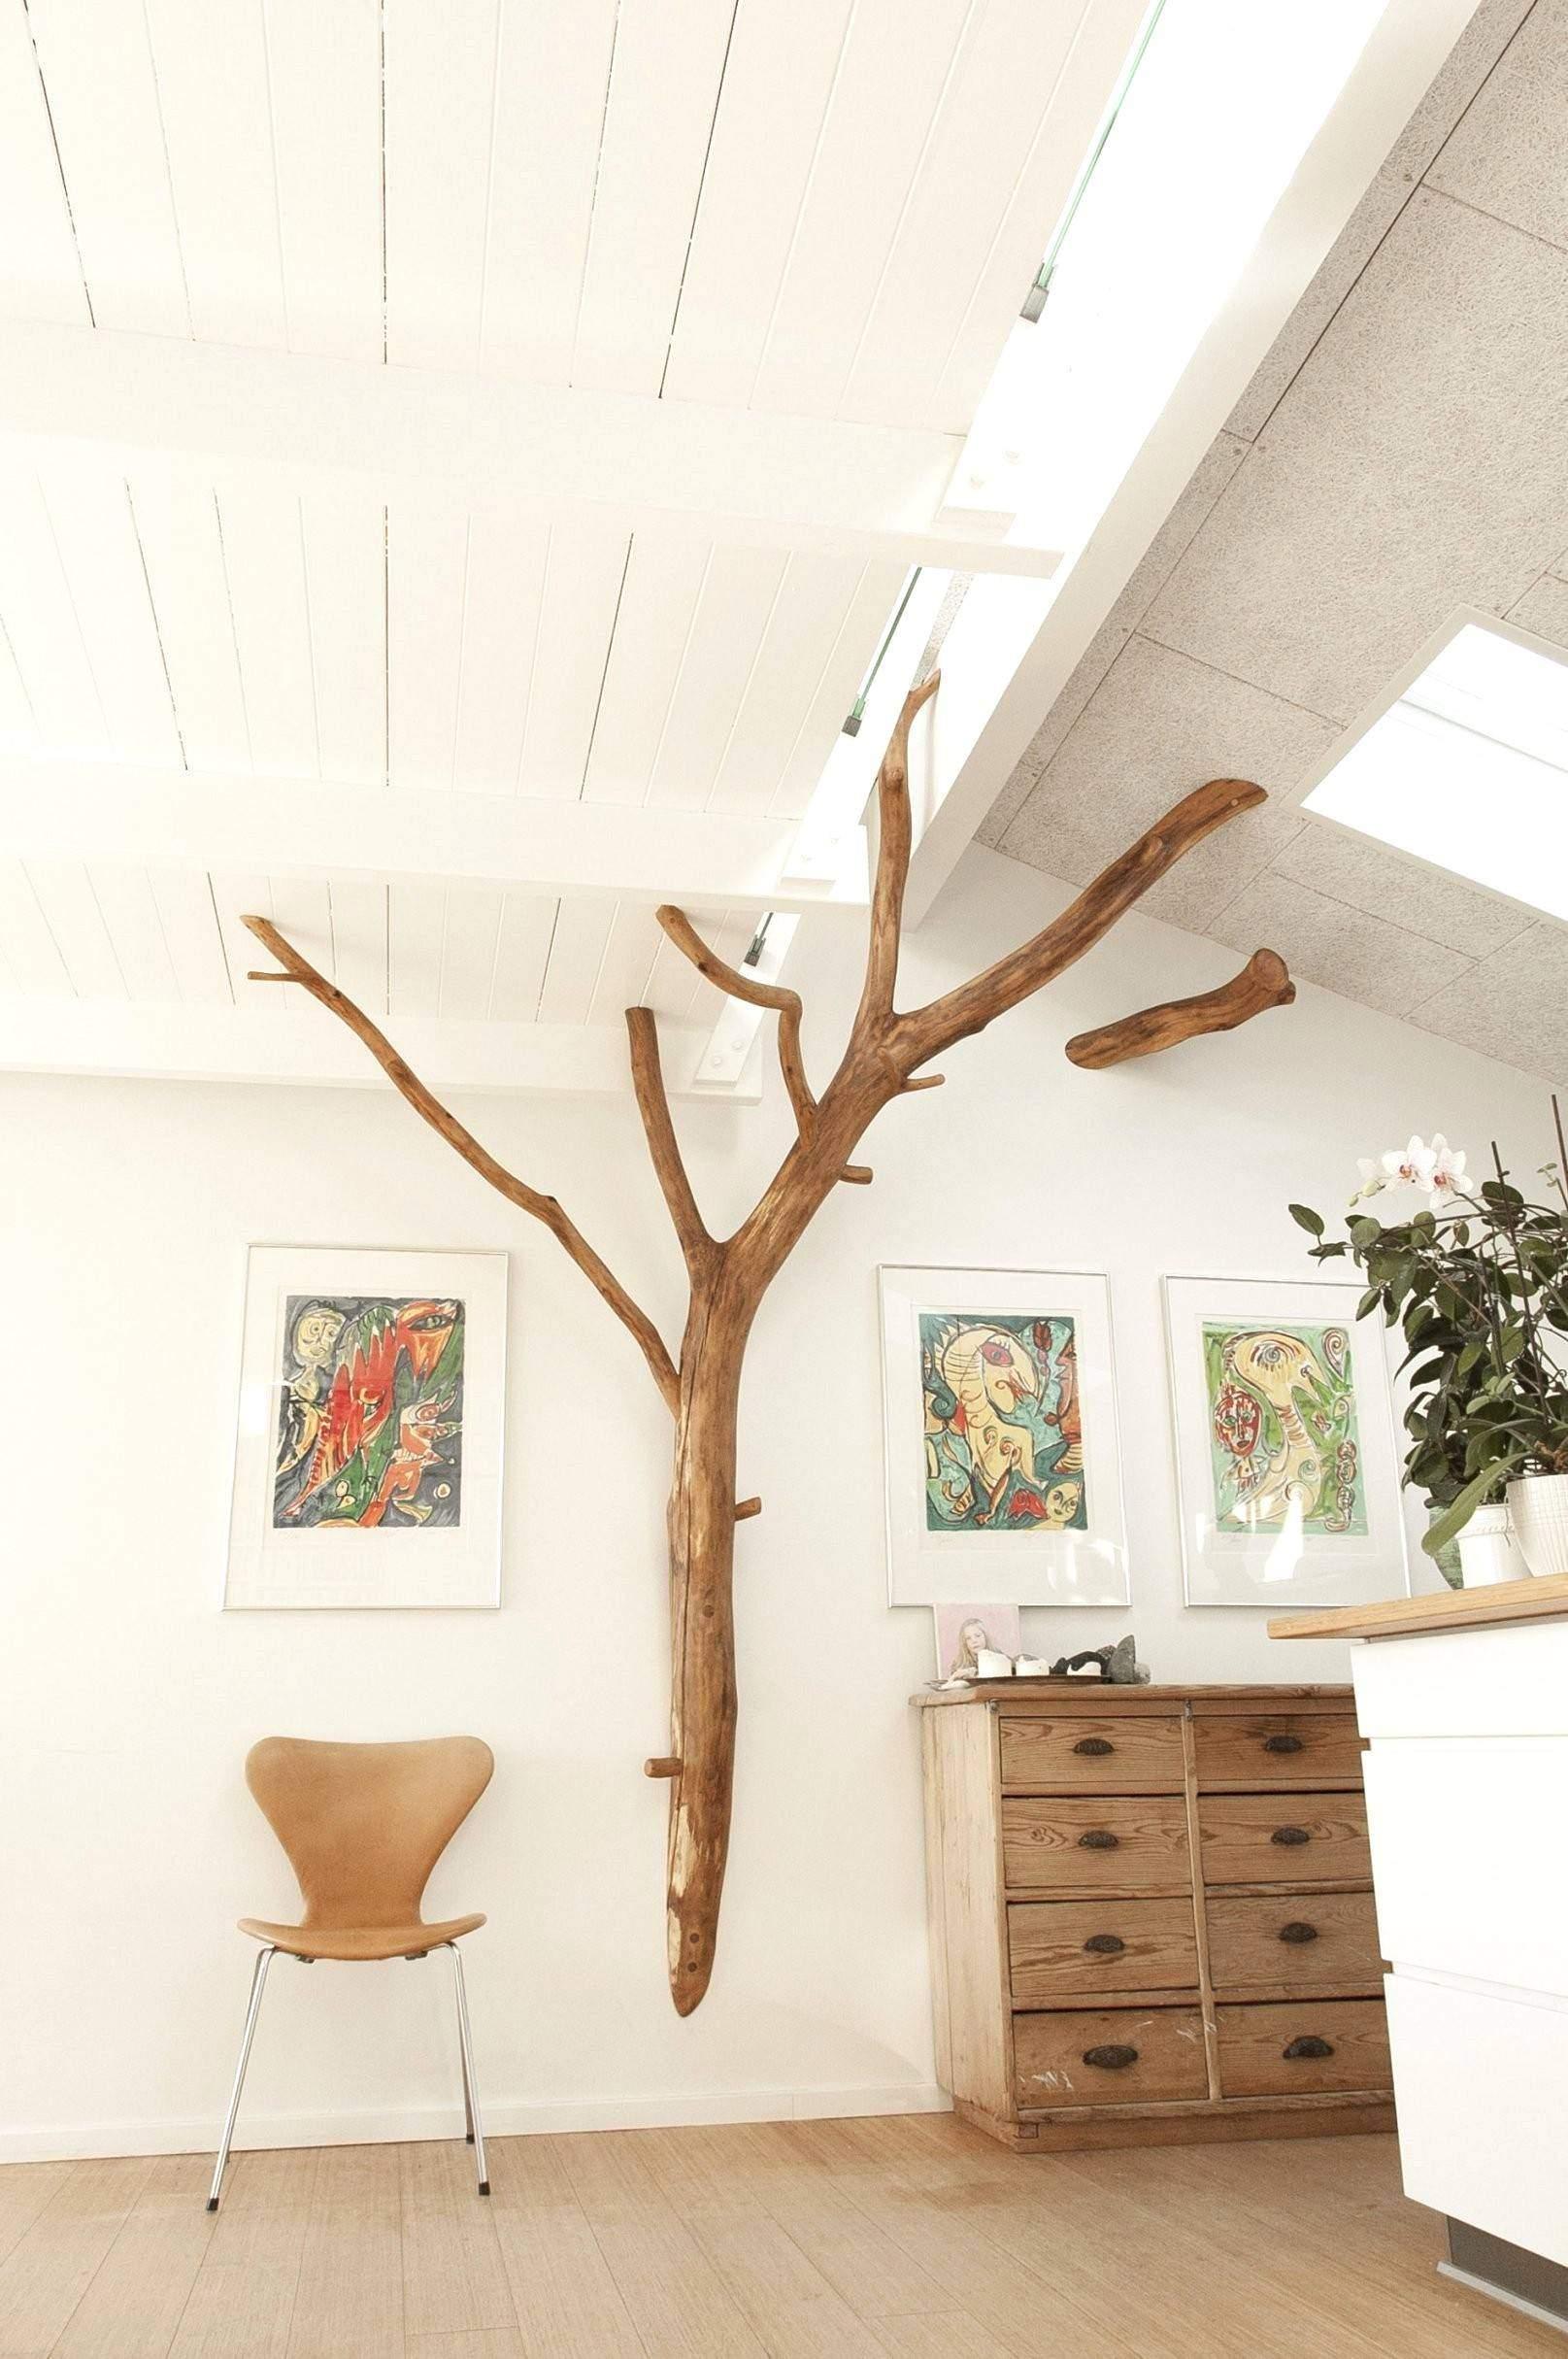 baum im wohnzimmer inspirierend luxury baumstamm als deko im wohnzimmer inspirations of baum im wohnzimmer